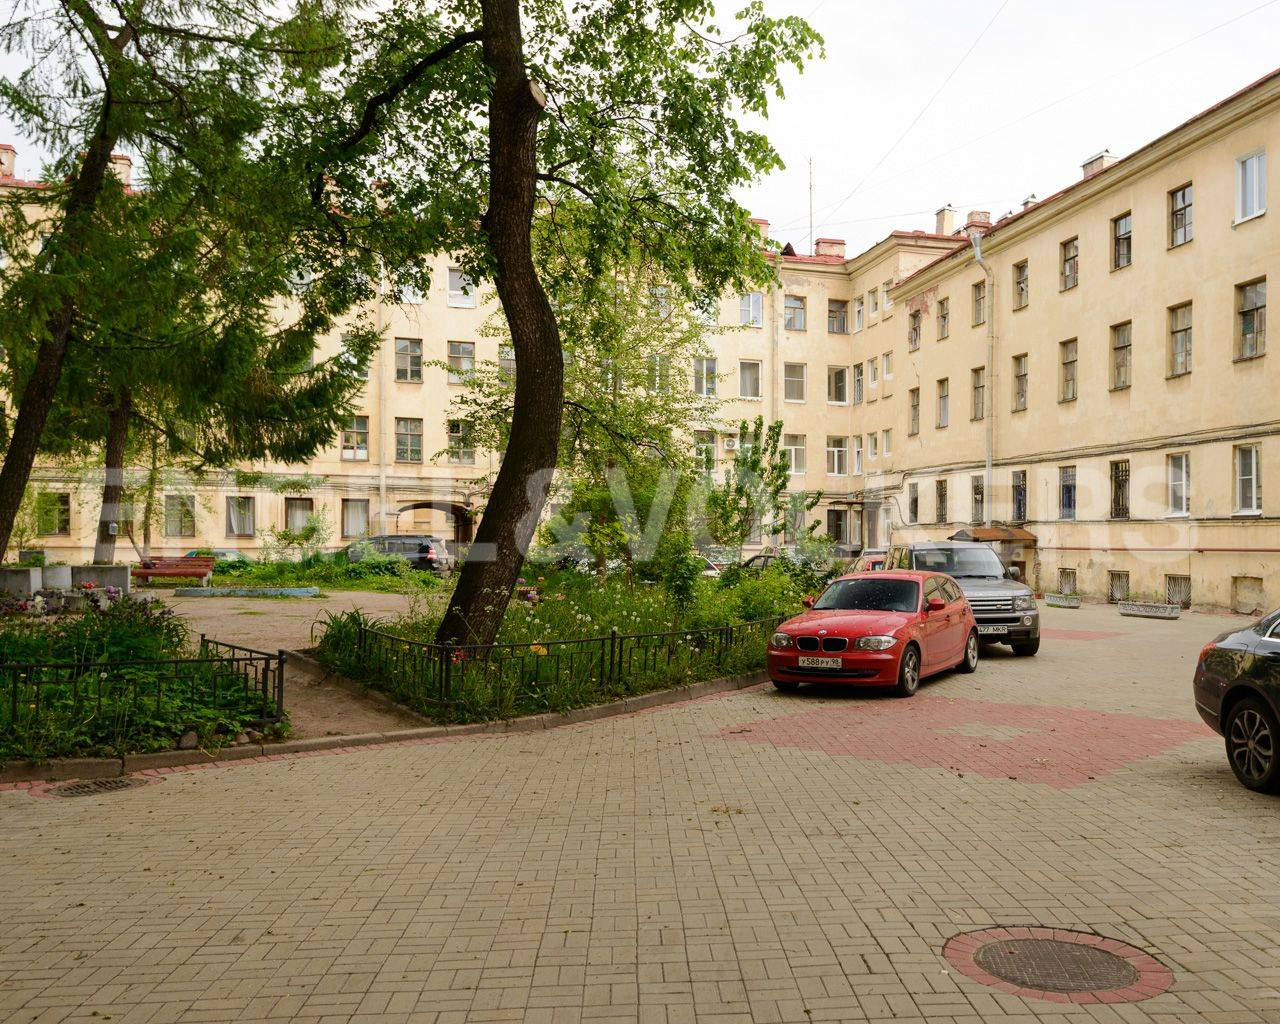 Элитные квартиры в Центральном районе. Санкт-Петербург, Наб. реки Мойки, 84. Закрытый внутренний двор дома с парковкой